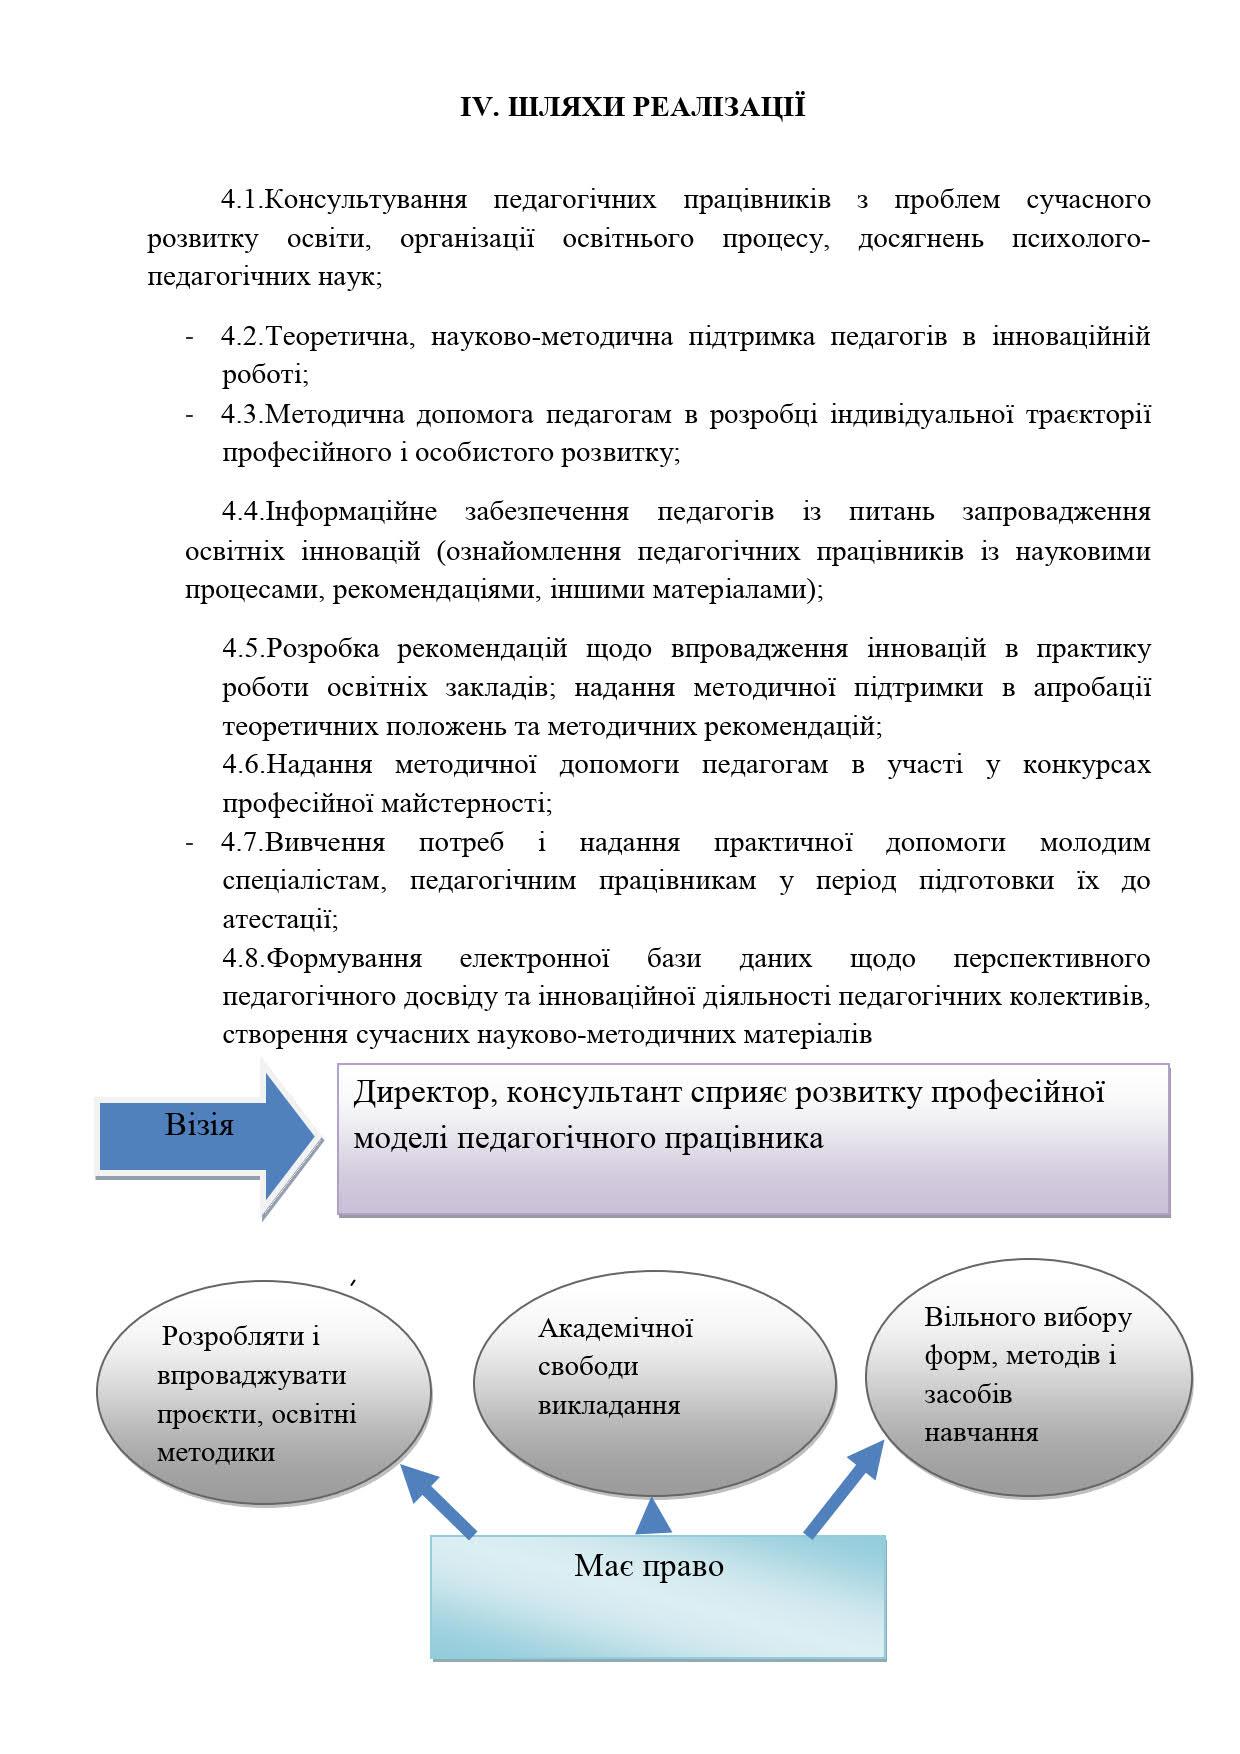 Microsoft Word - стратегія розвитку ЦПРПП_8